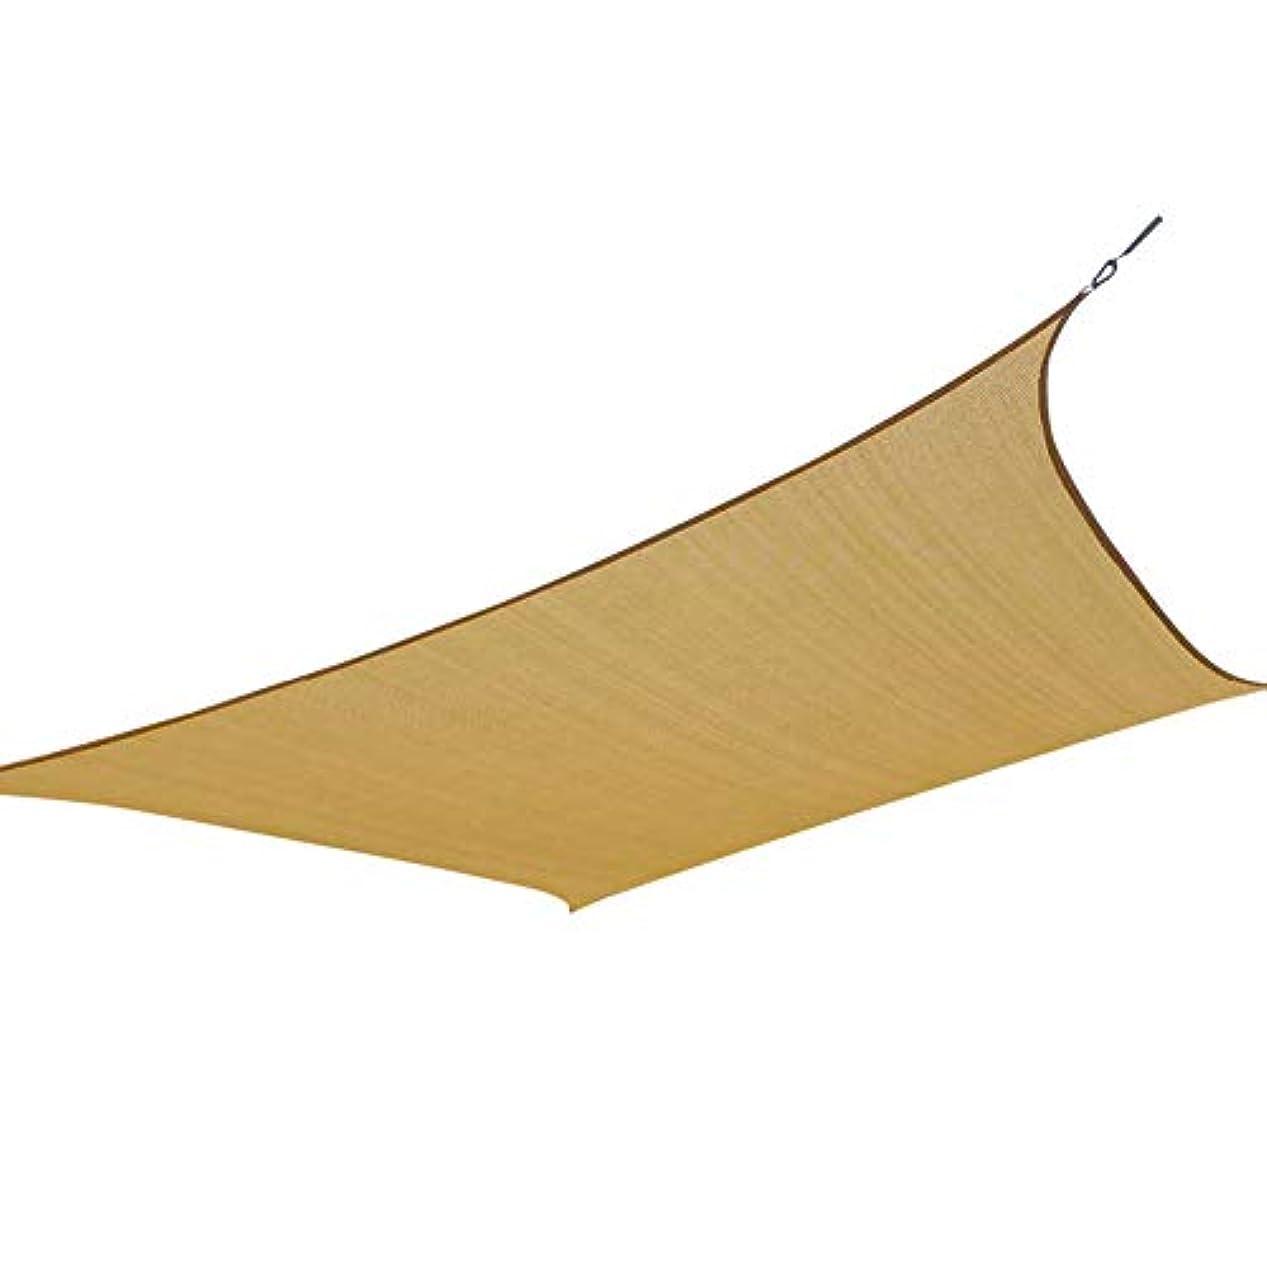 杖ピストル奇跡的なHappysource 3×4メートル/ 4×4メートル紫外線保護70%防水オックスフォード布屋外日焼け止め日焼け止めネット